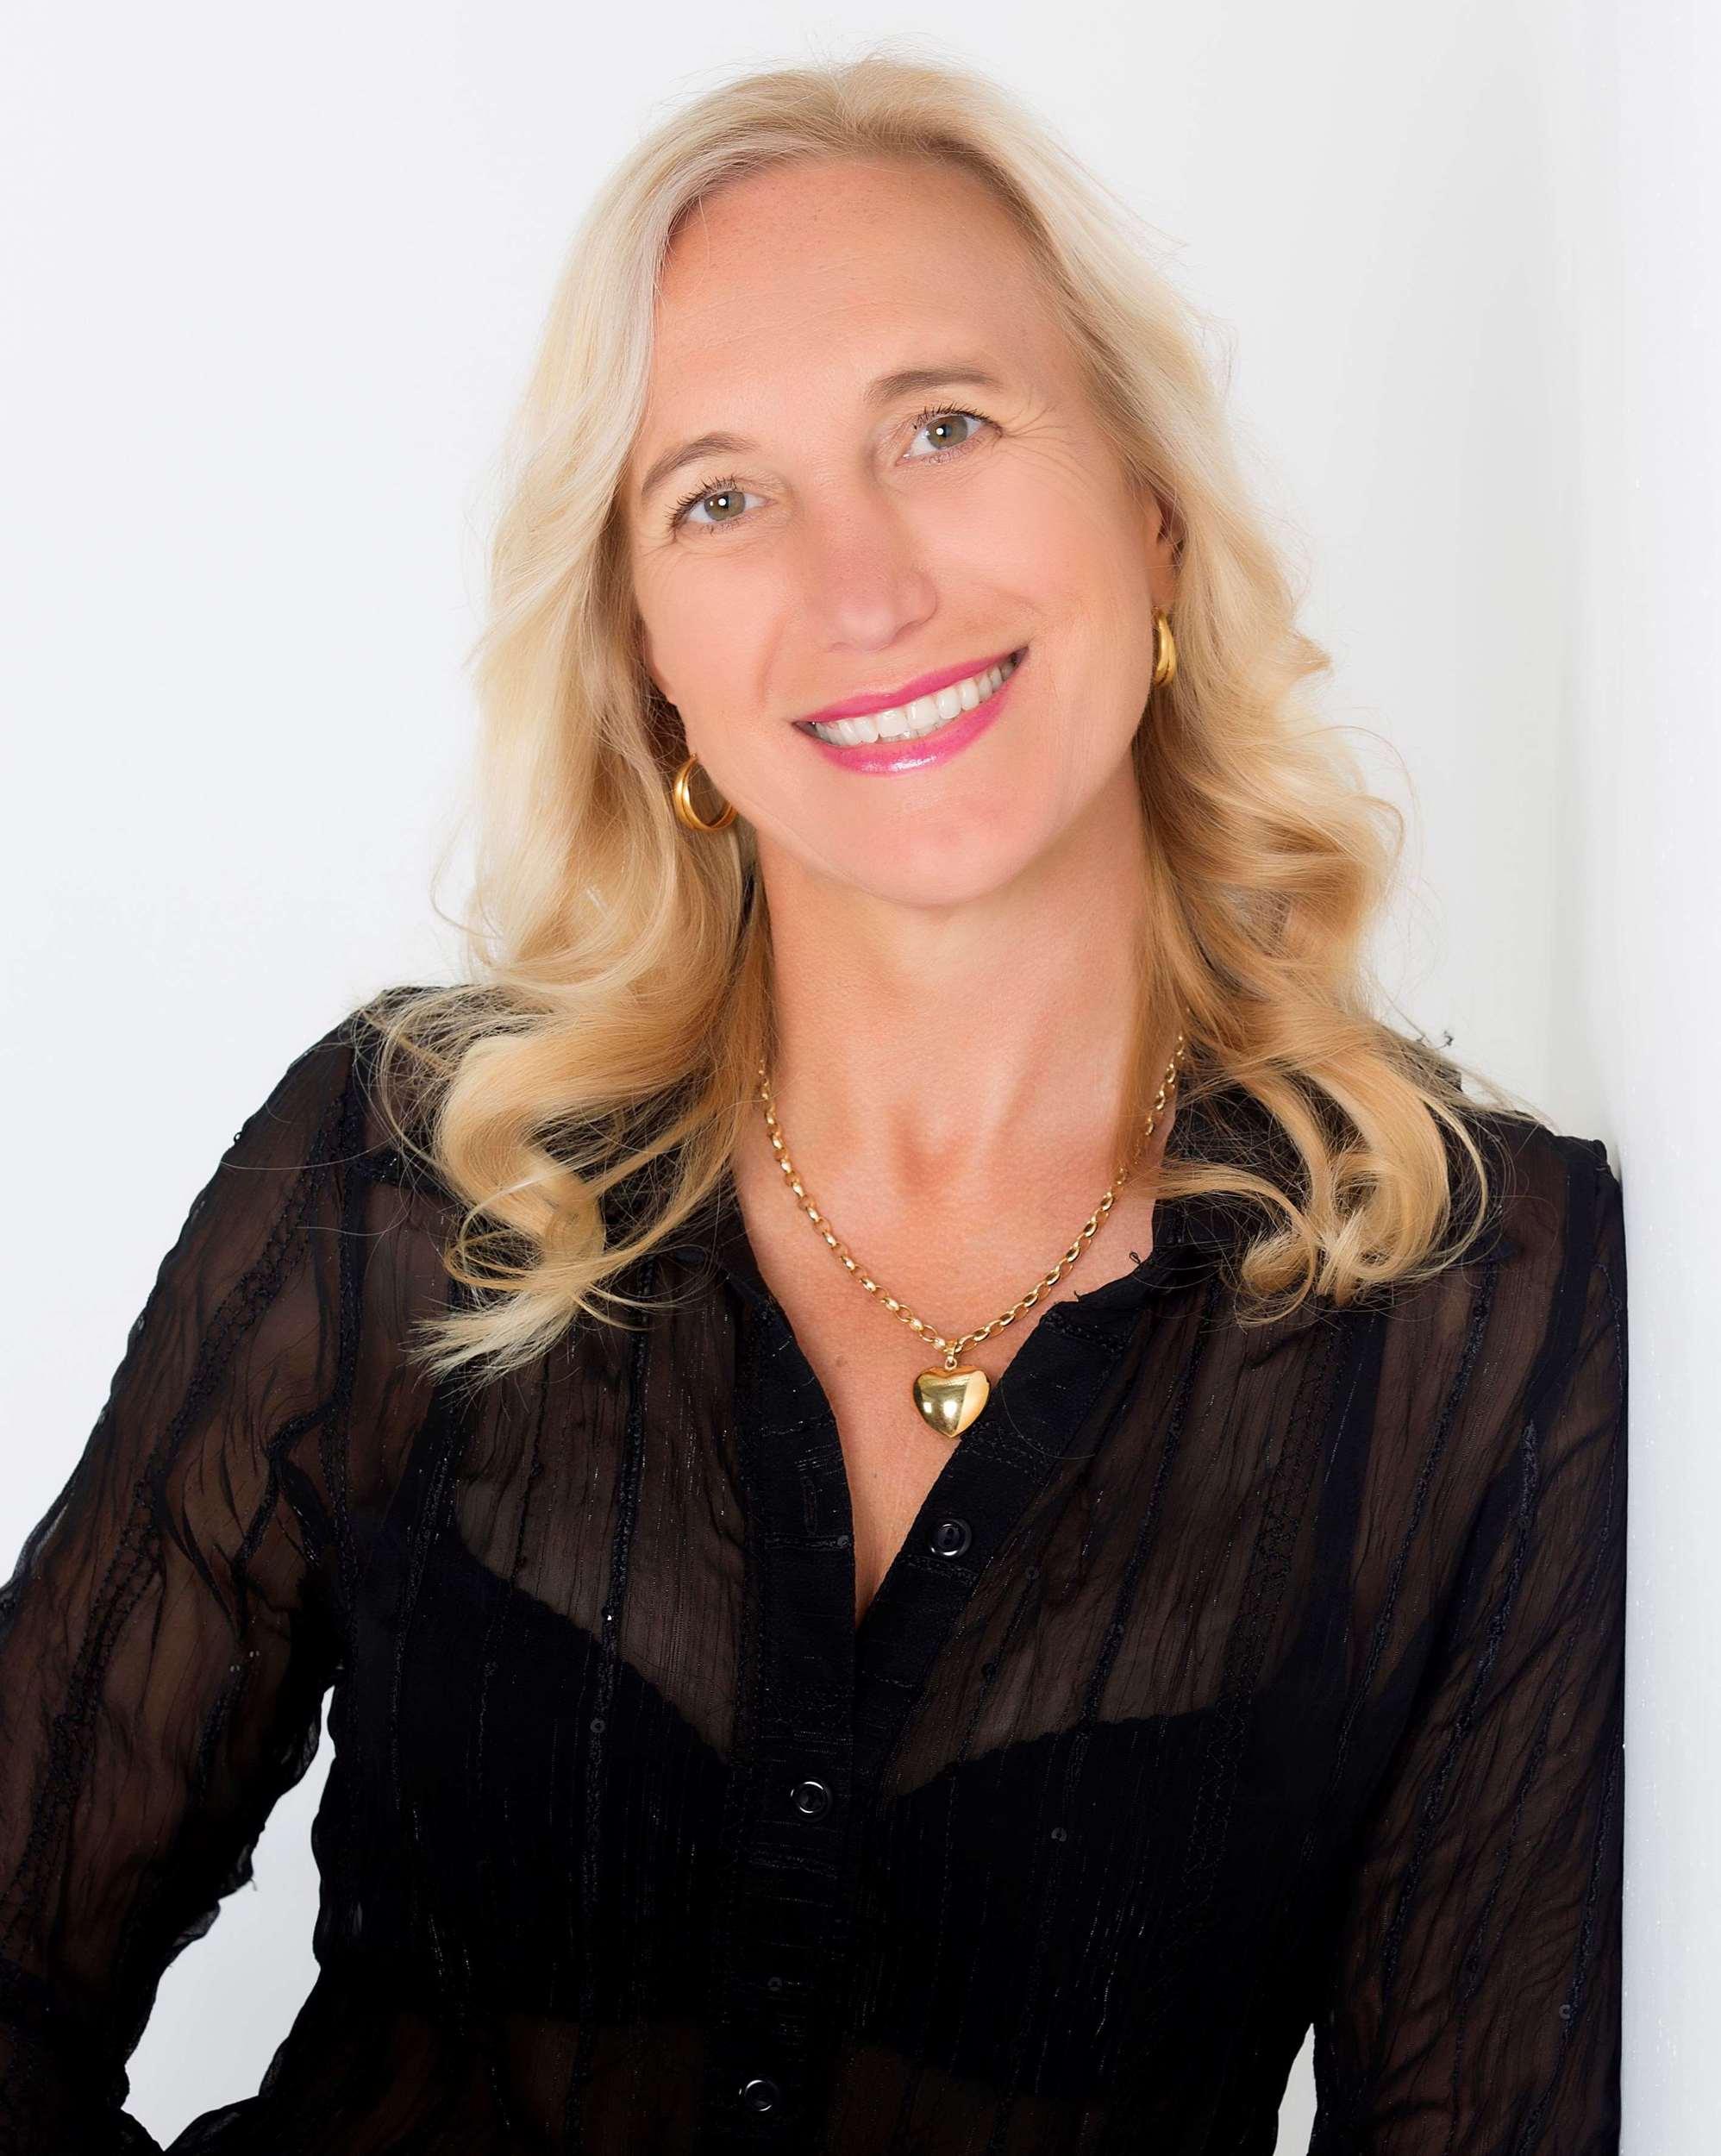 Julie Von Grum